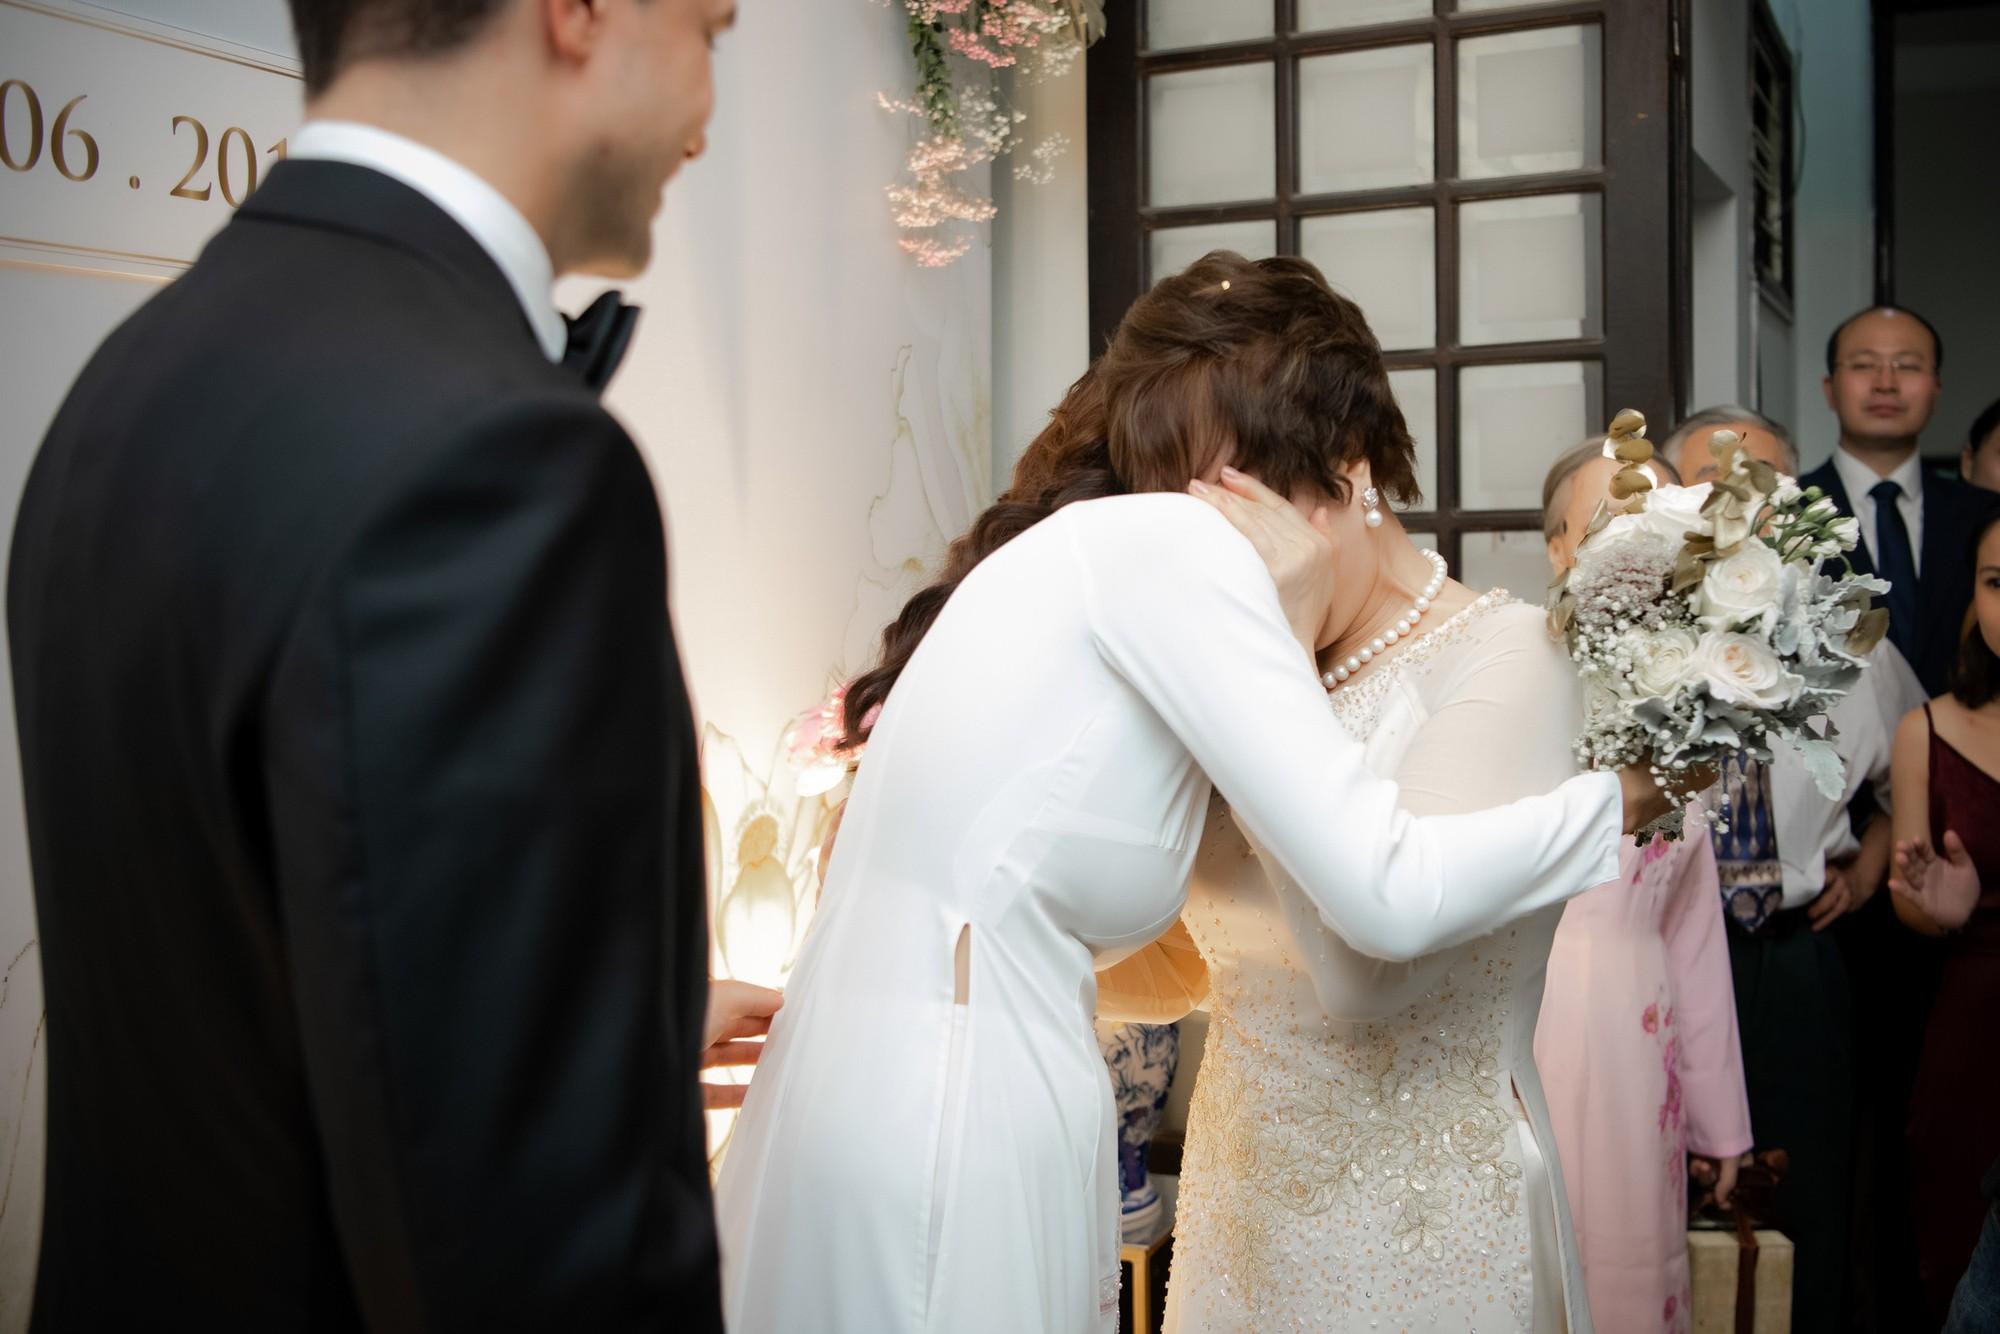 Toàn cảnh lễ đón dâu tại nhà phố cổ của siêu mẫu Phương Mai: Chú rể xuất hiện cùng đoàn xe sang, cô dâu òa khóc ôm chặt mẹ ruột  - Ảnh 10.